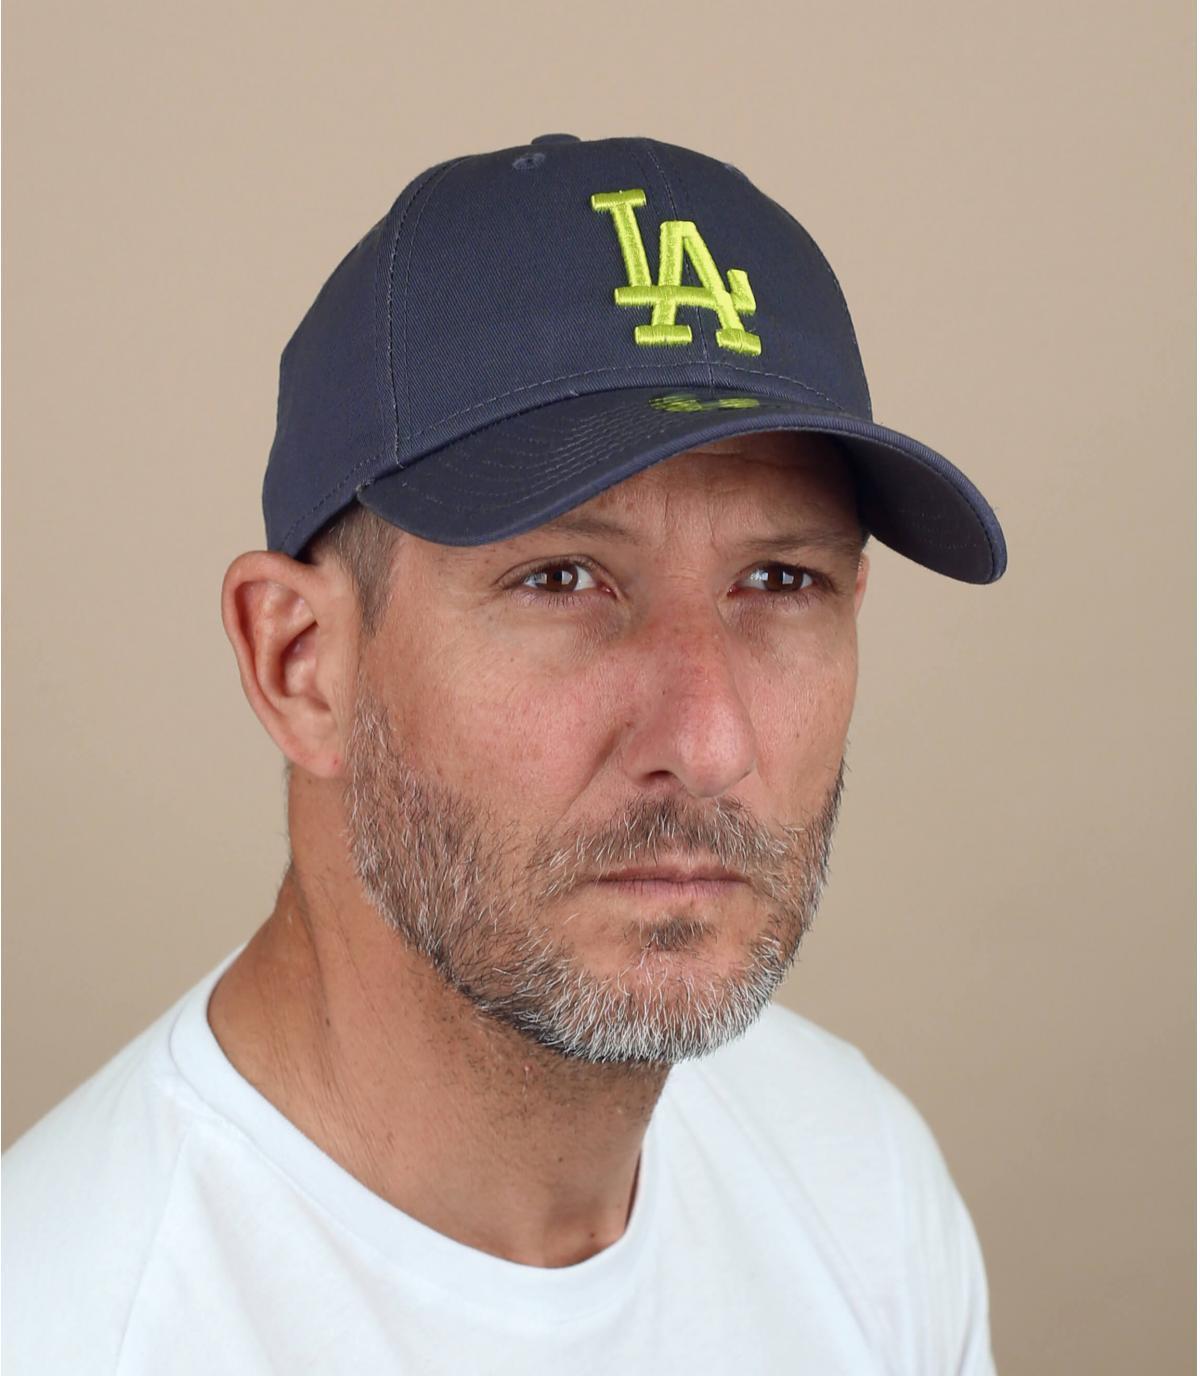 casquette LA gris jaune